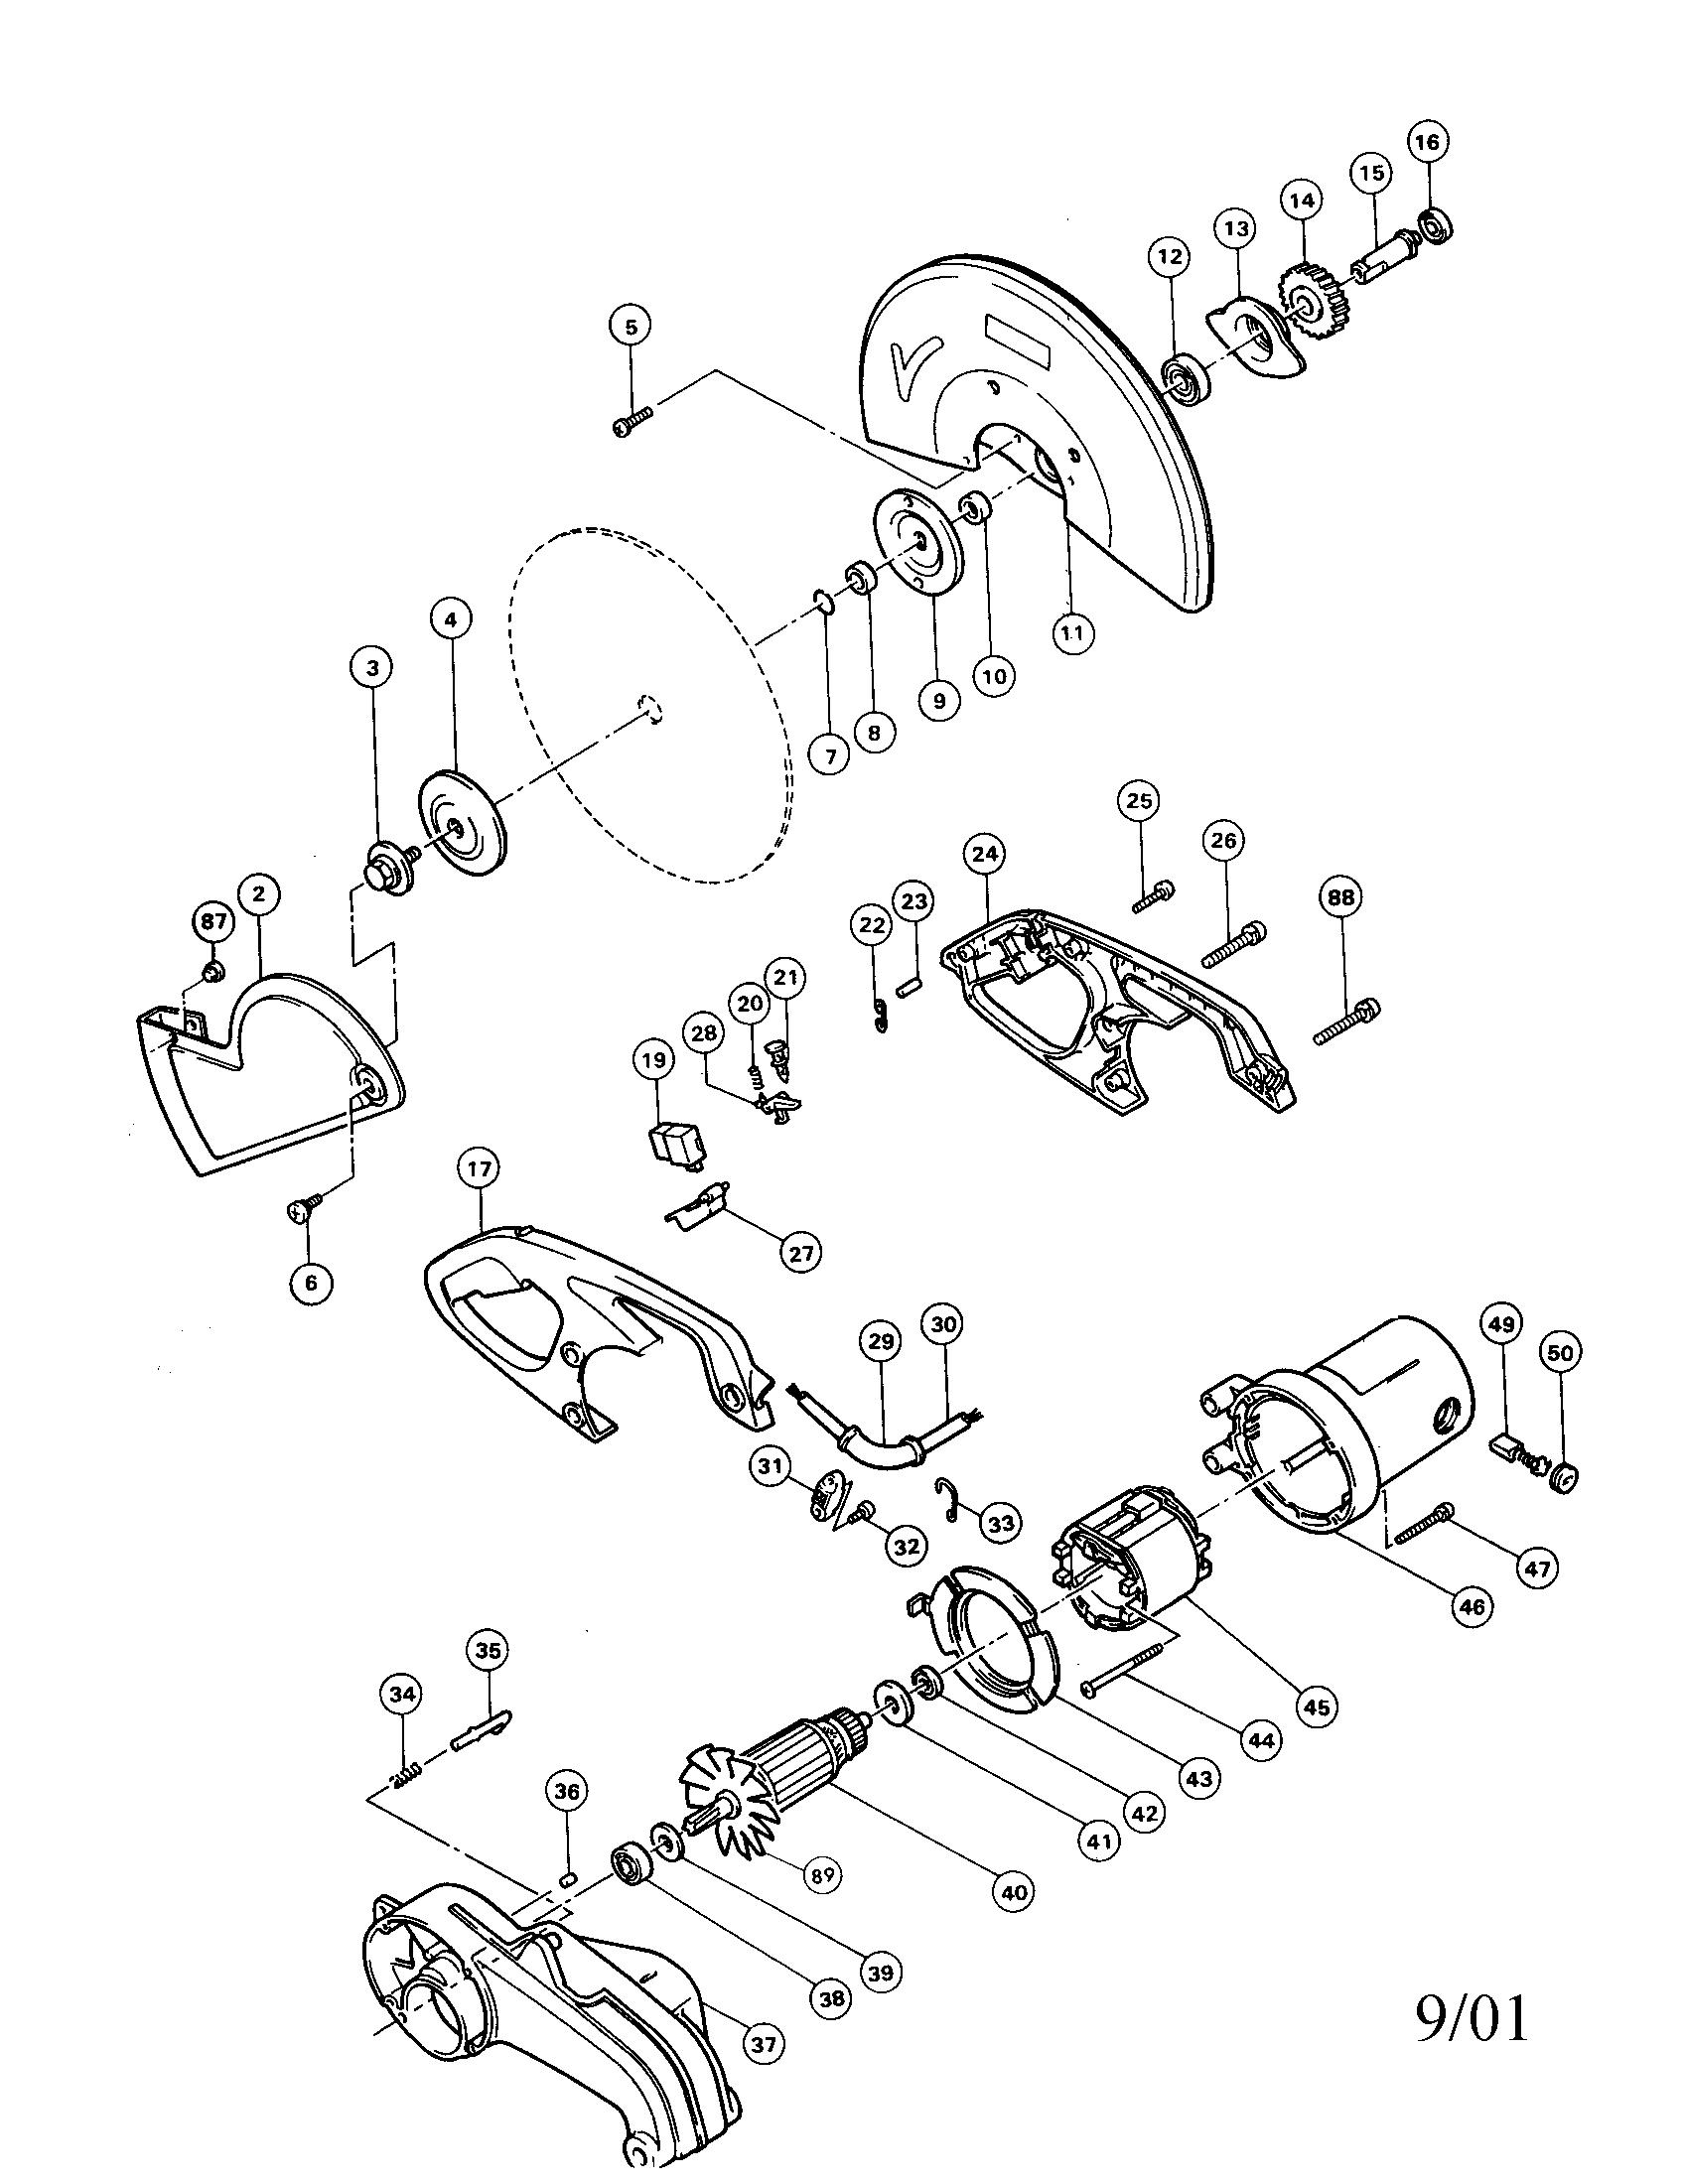 Makita model 2414B circular saw genuine parts